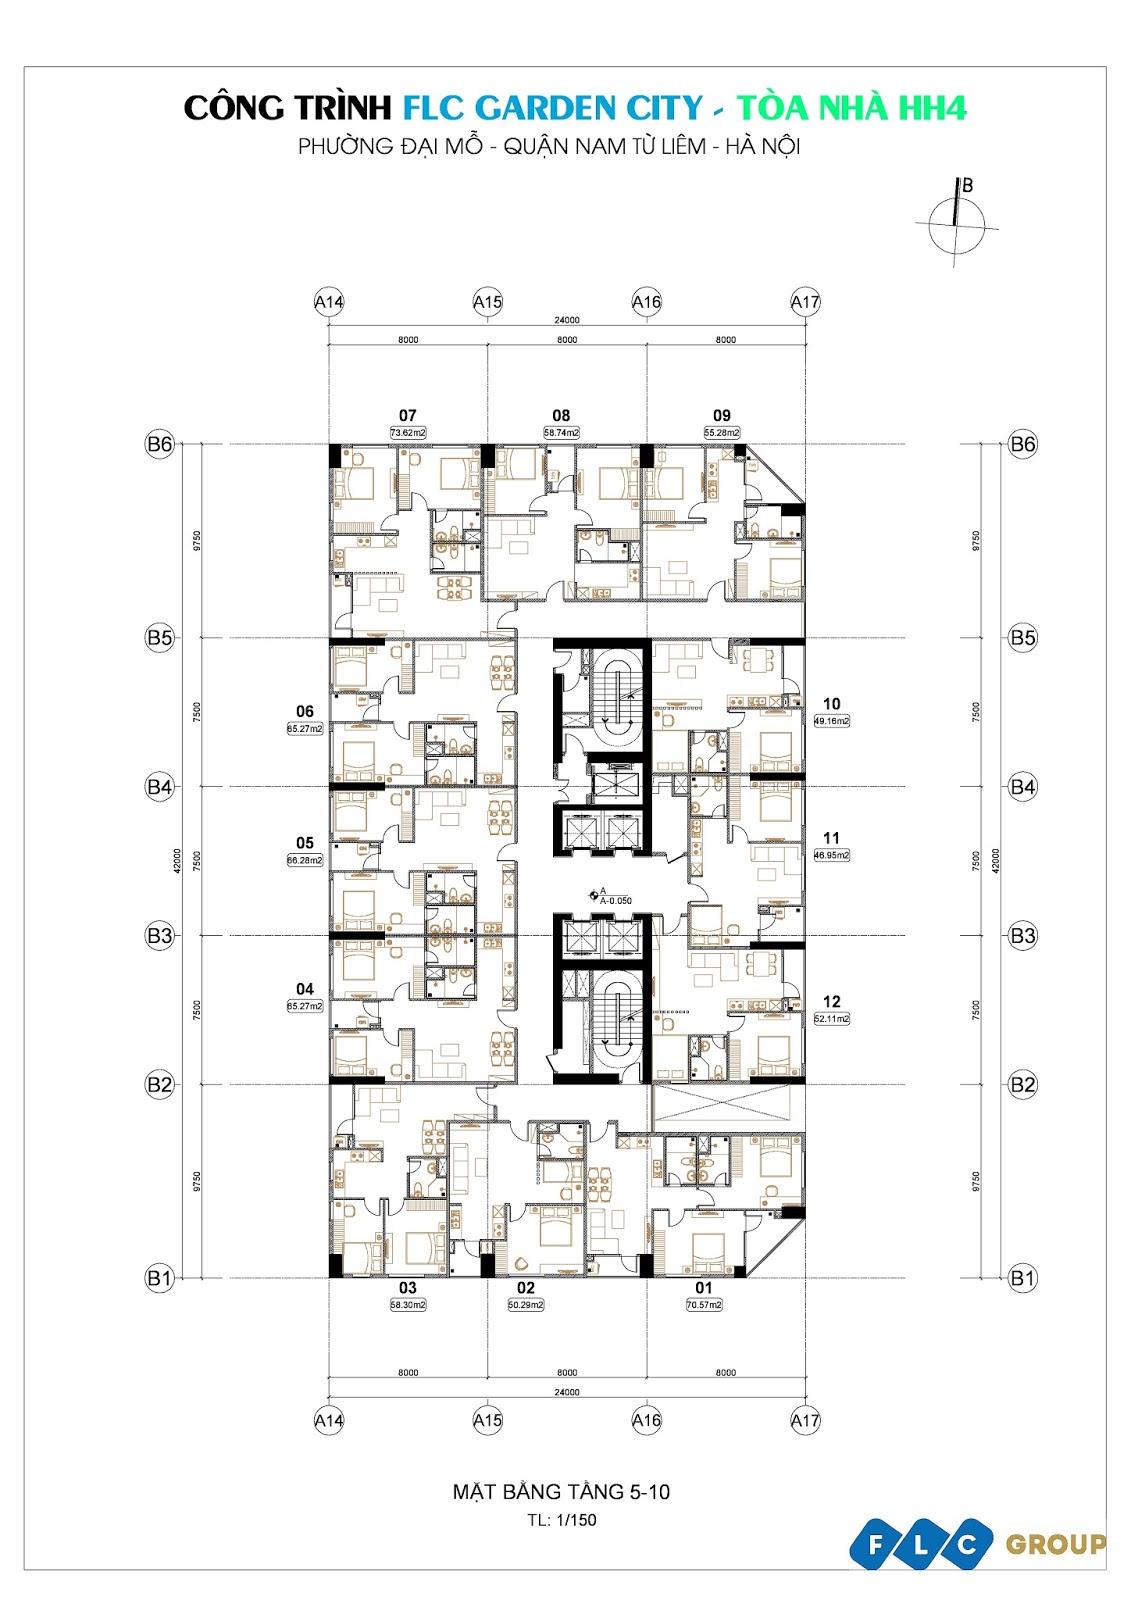 Mặt bằng tổng thể HH4 FLC Garden City (tầng 5 - tầng 10)